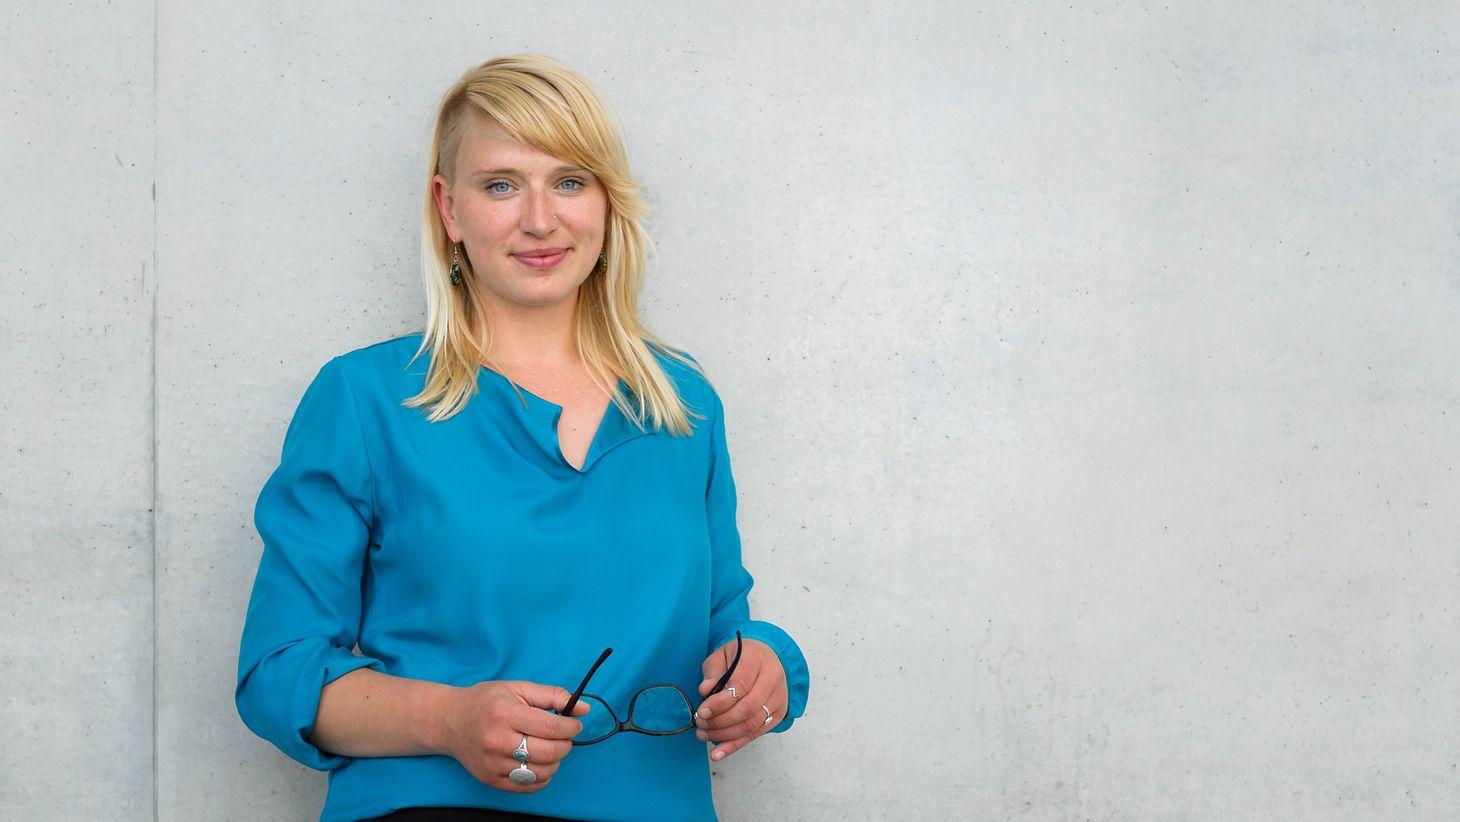 Deutscher Bundestag - Islamwissenschaftlerin aus Kiel: Luise Amtsberg